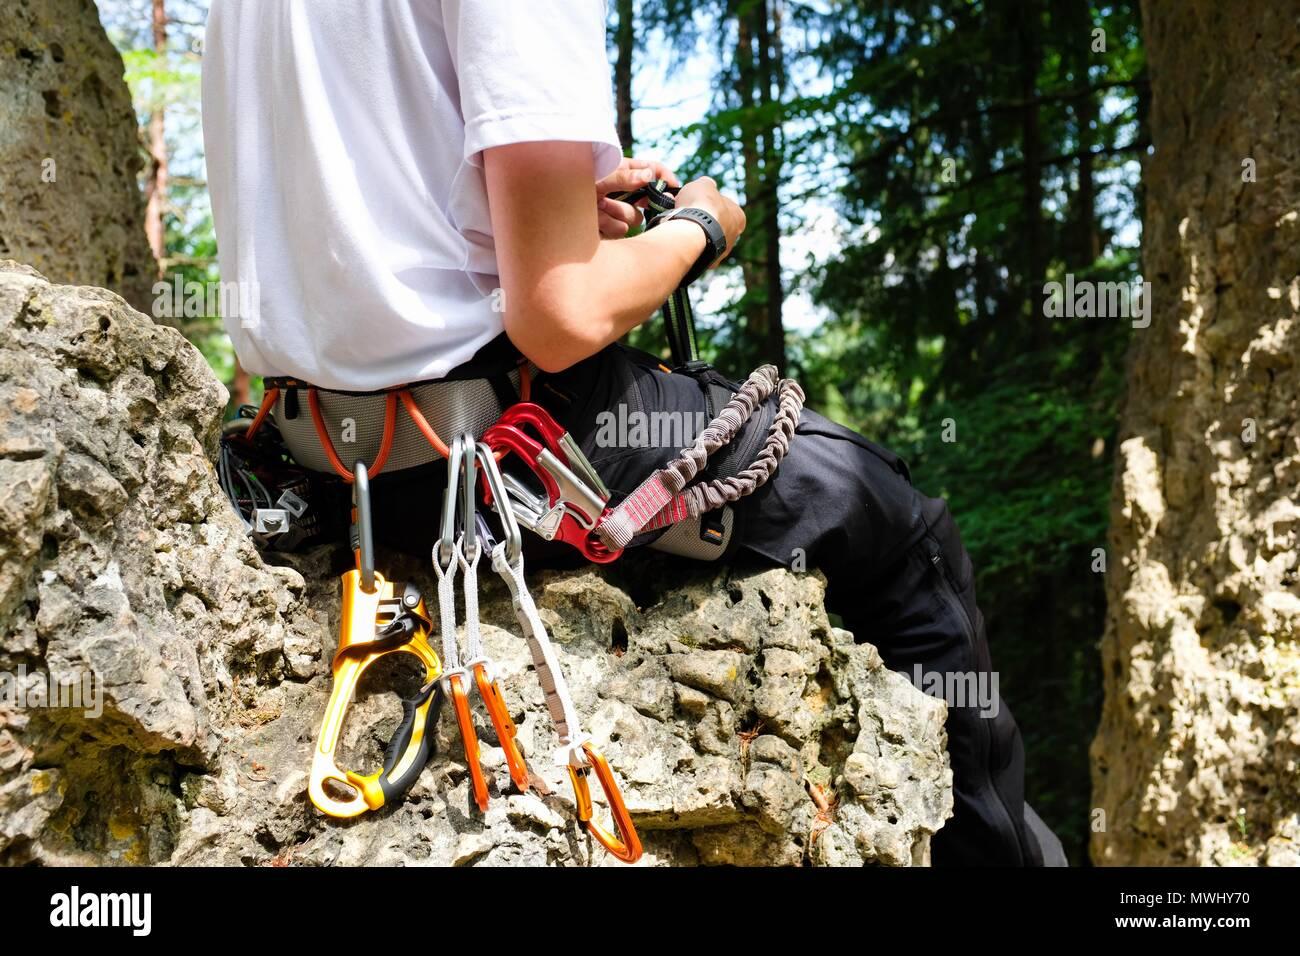 Kletterausrüstung Prüfen : Mann mit kletterausrüstung und ausstattung auf einem felsen